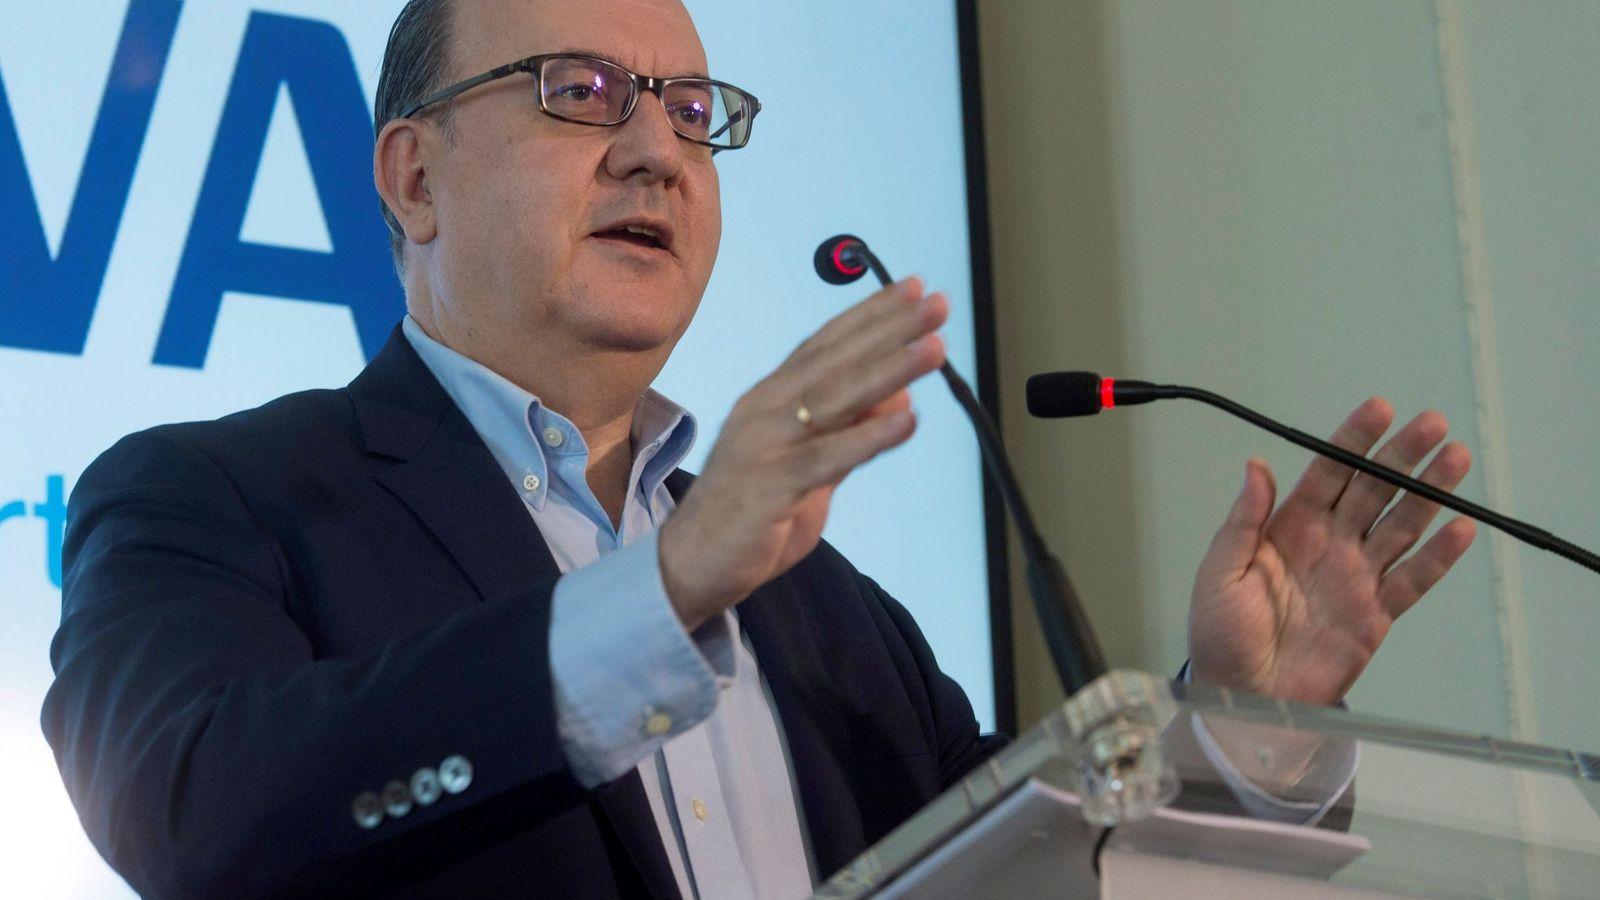 Foto: José María Roldán, presidente de la AEB. (Efe)